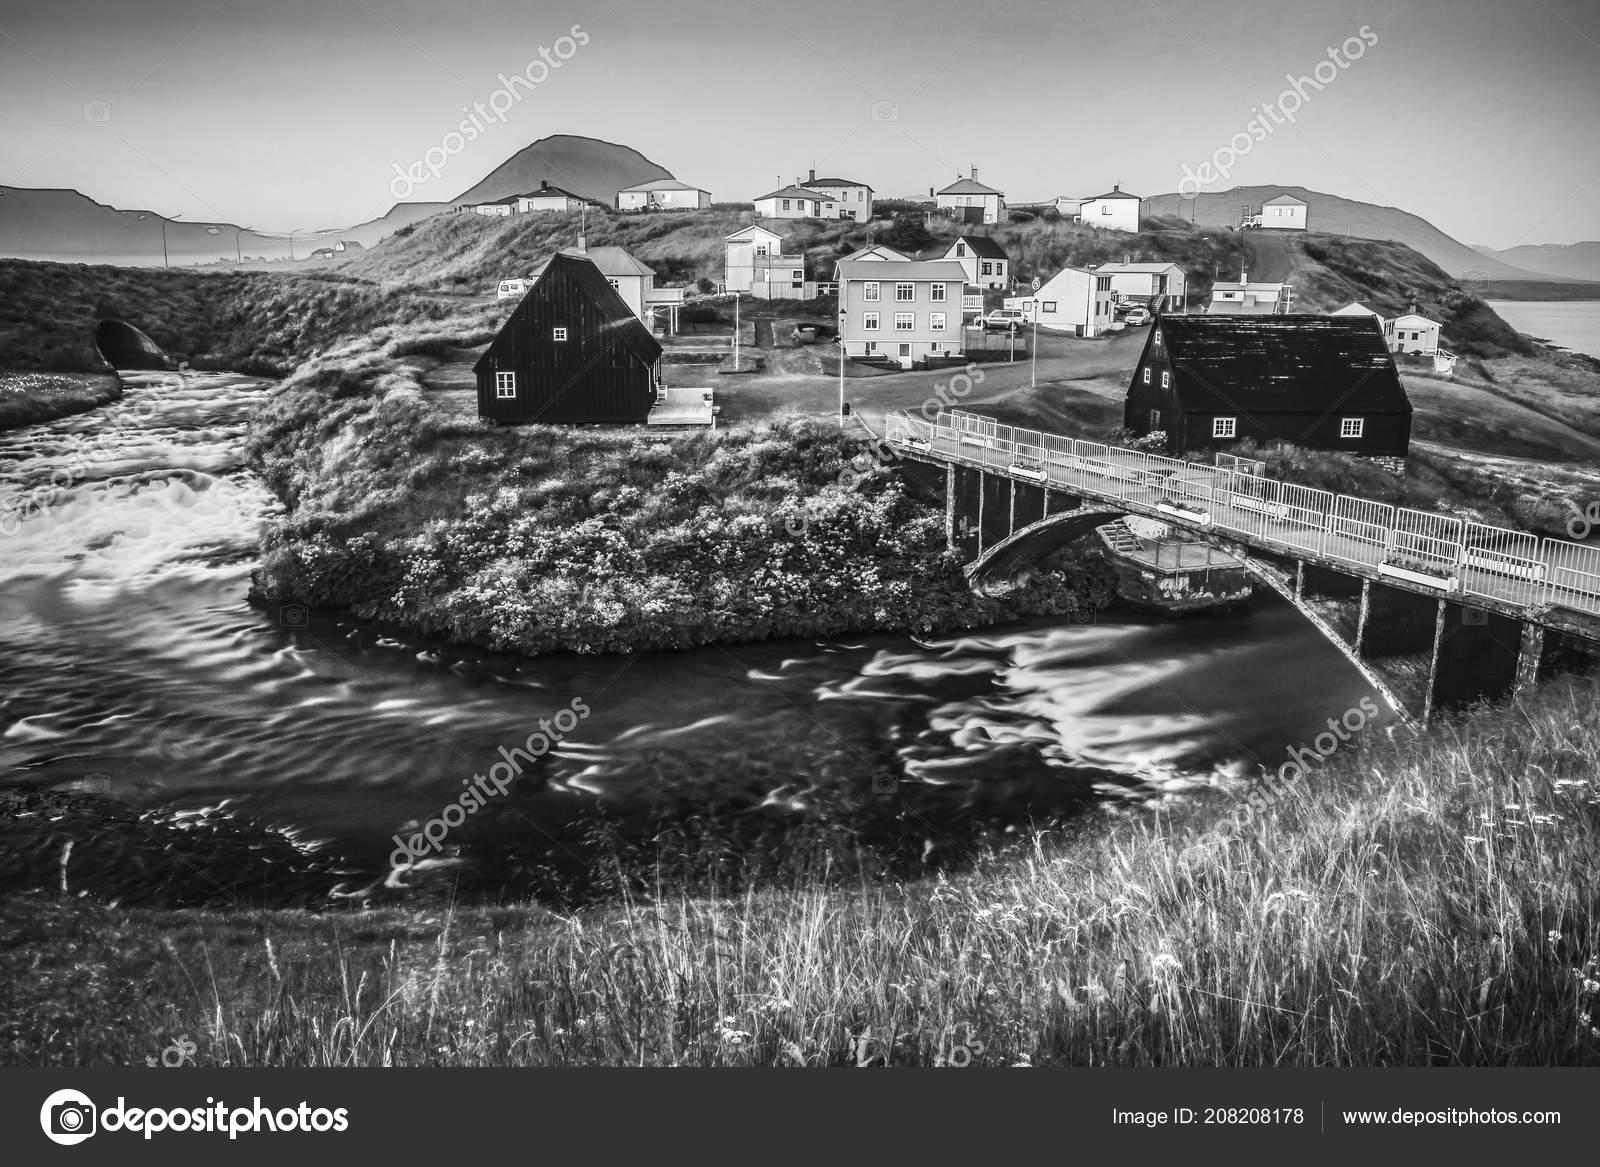 Traditional icelandic village houses beautiful morning landscape black white photo stock photo